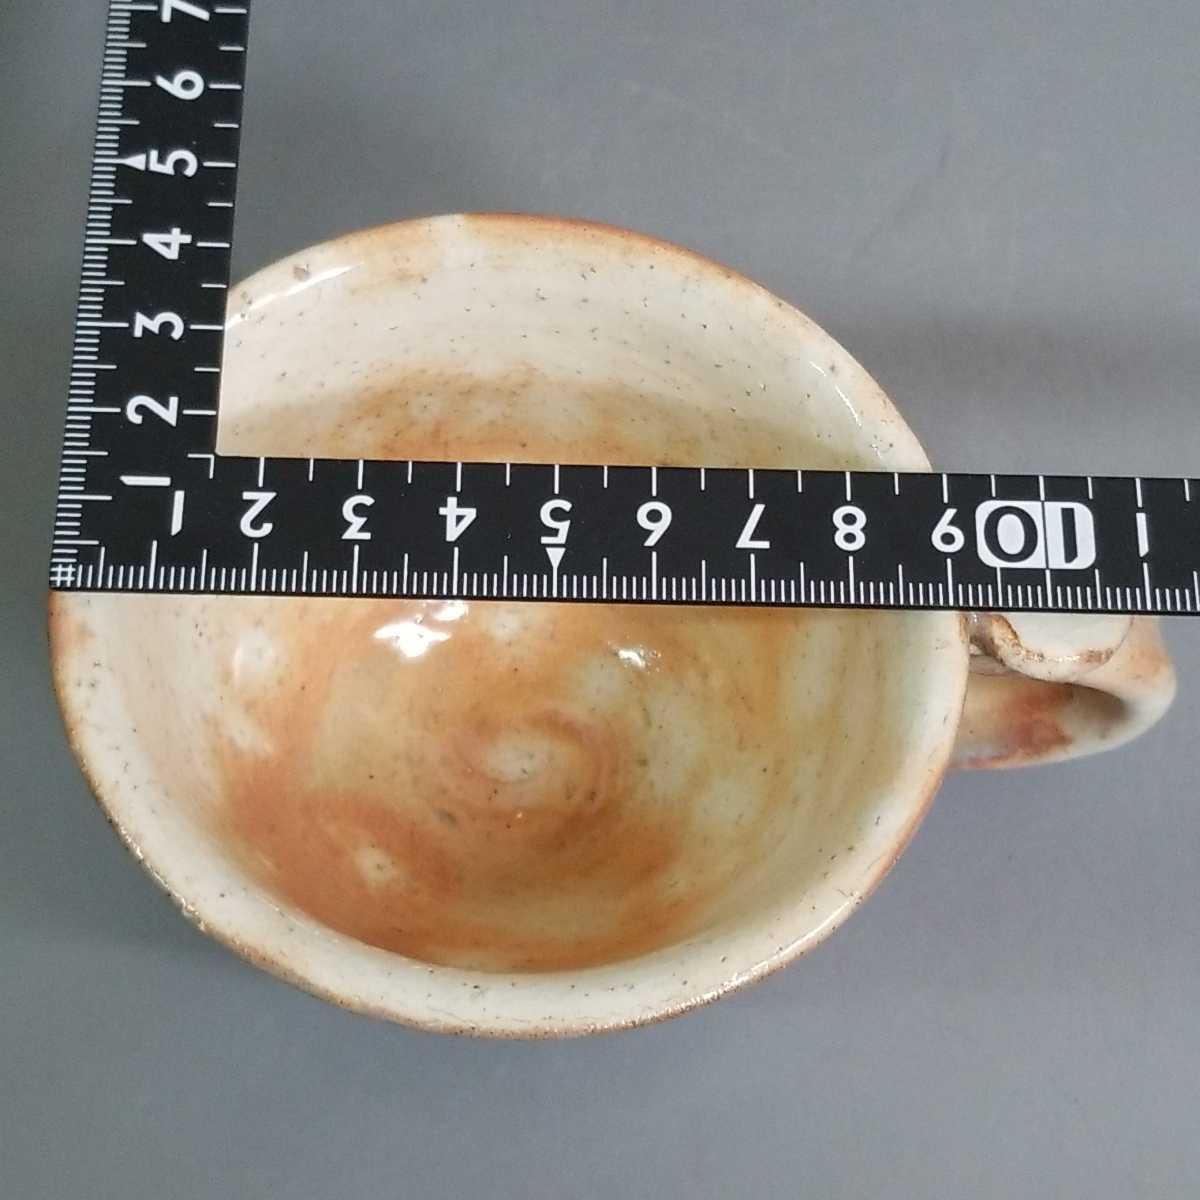 緒61)萩焼 渋谷泥詩 見島コーヒーカップ マグカップ 珈琲器 茶器 未使用新品 同梱歓迎_画像8